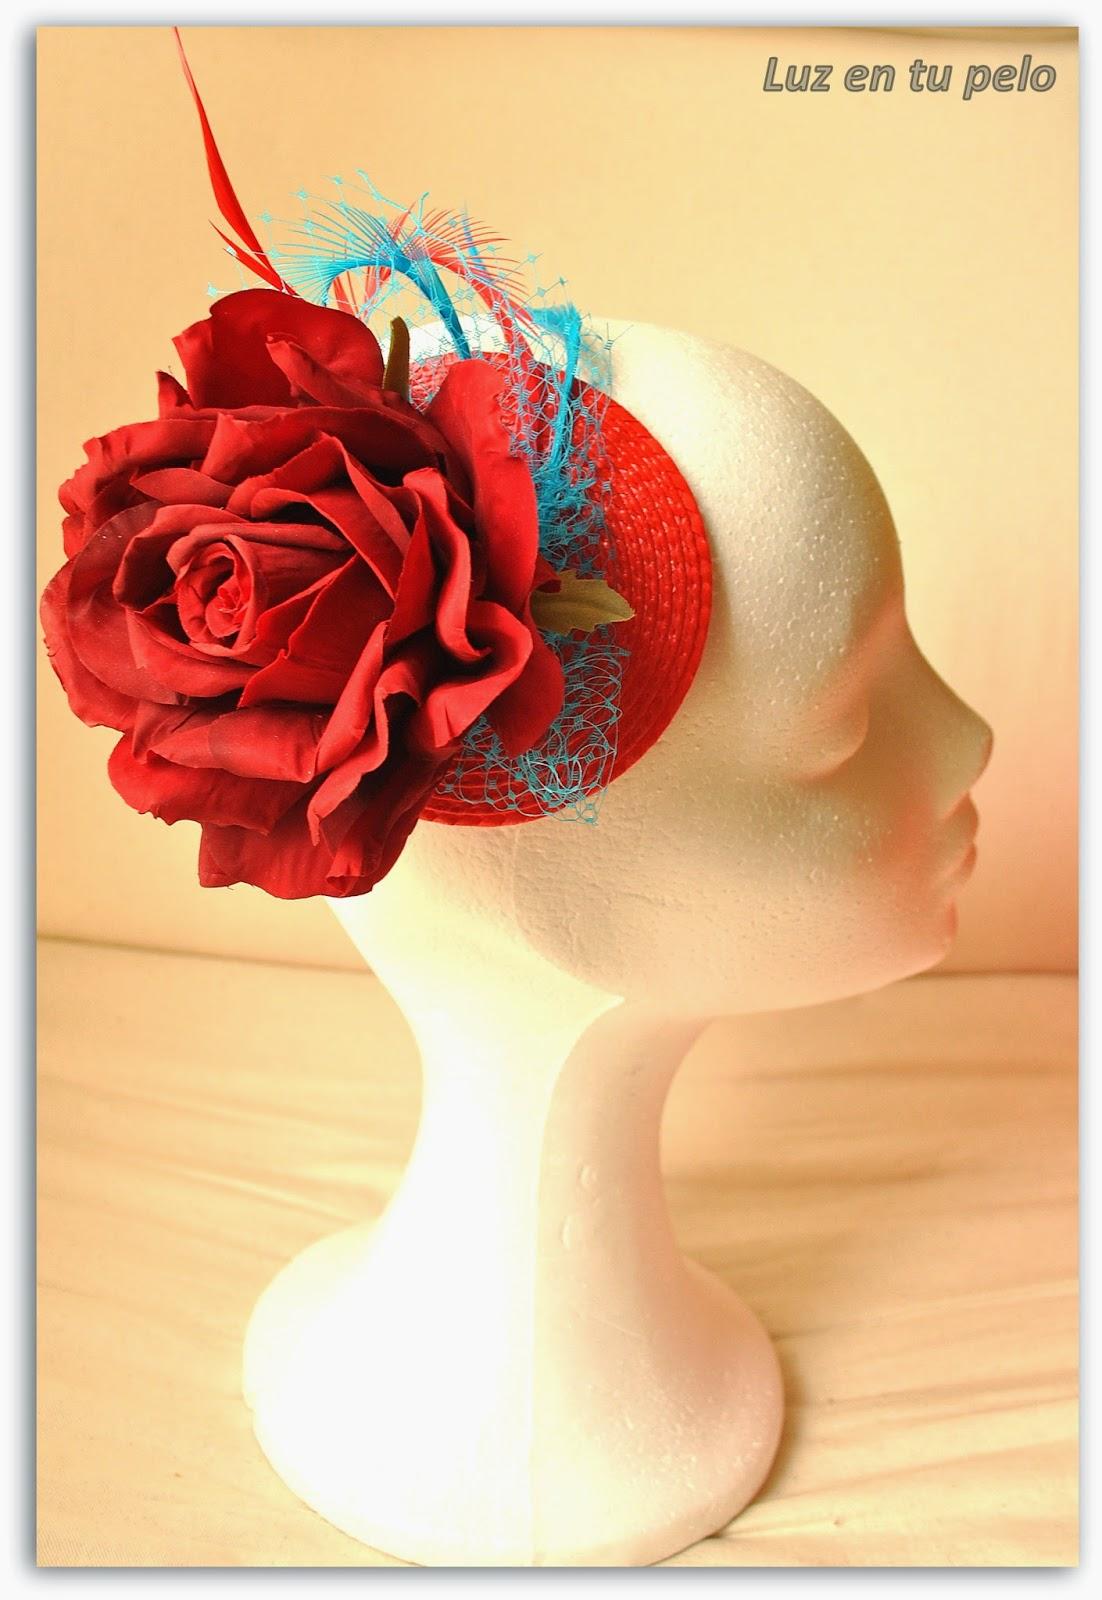 tocados baratos, tocados para bodas, tocados económicos, tocados con flores, tocados con rosa, tul, plumas